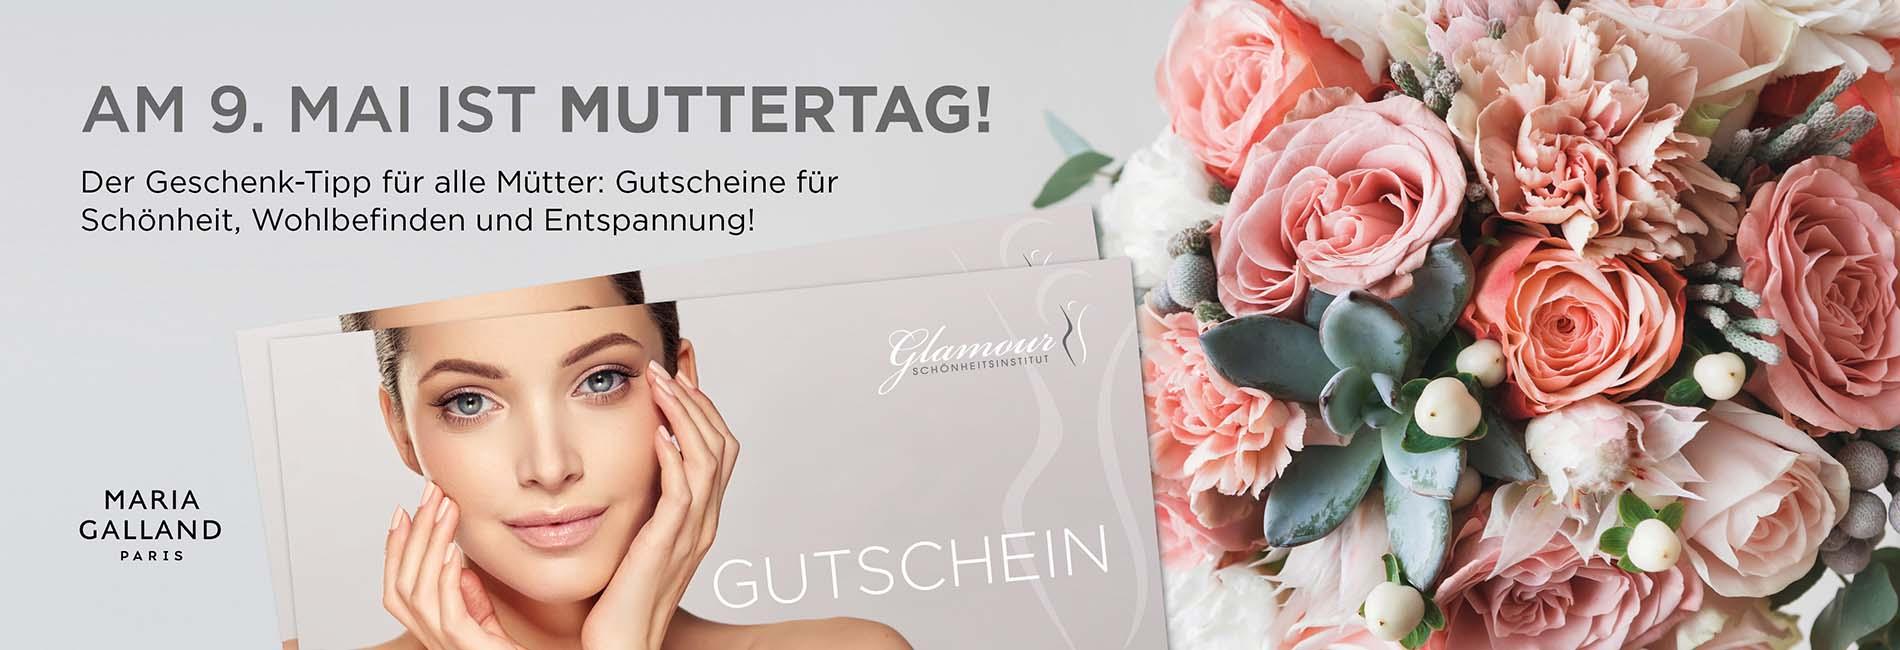 Glamour Schönheitsinstitut Webbanner Gutscheine Muttertag 900×650